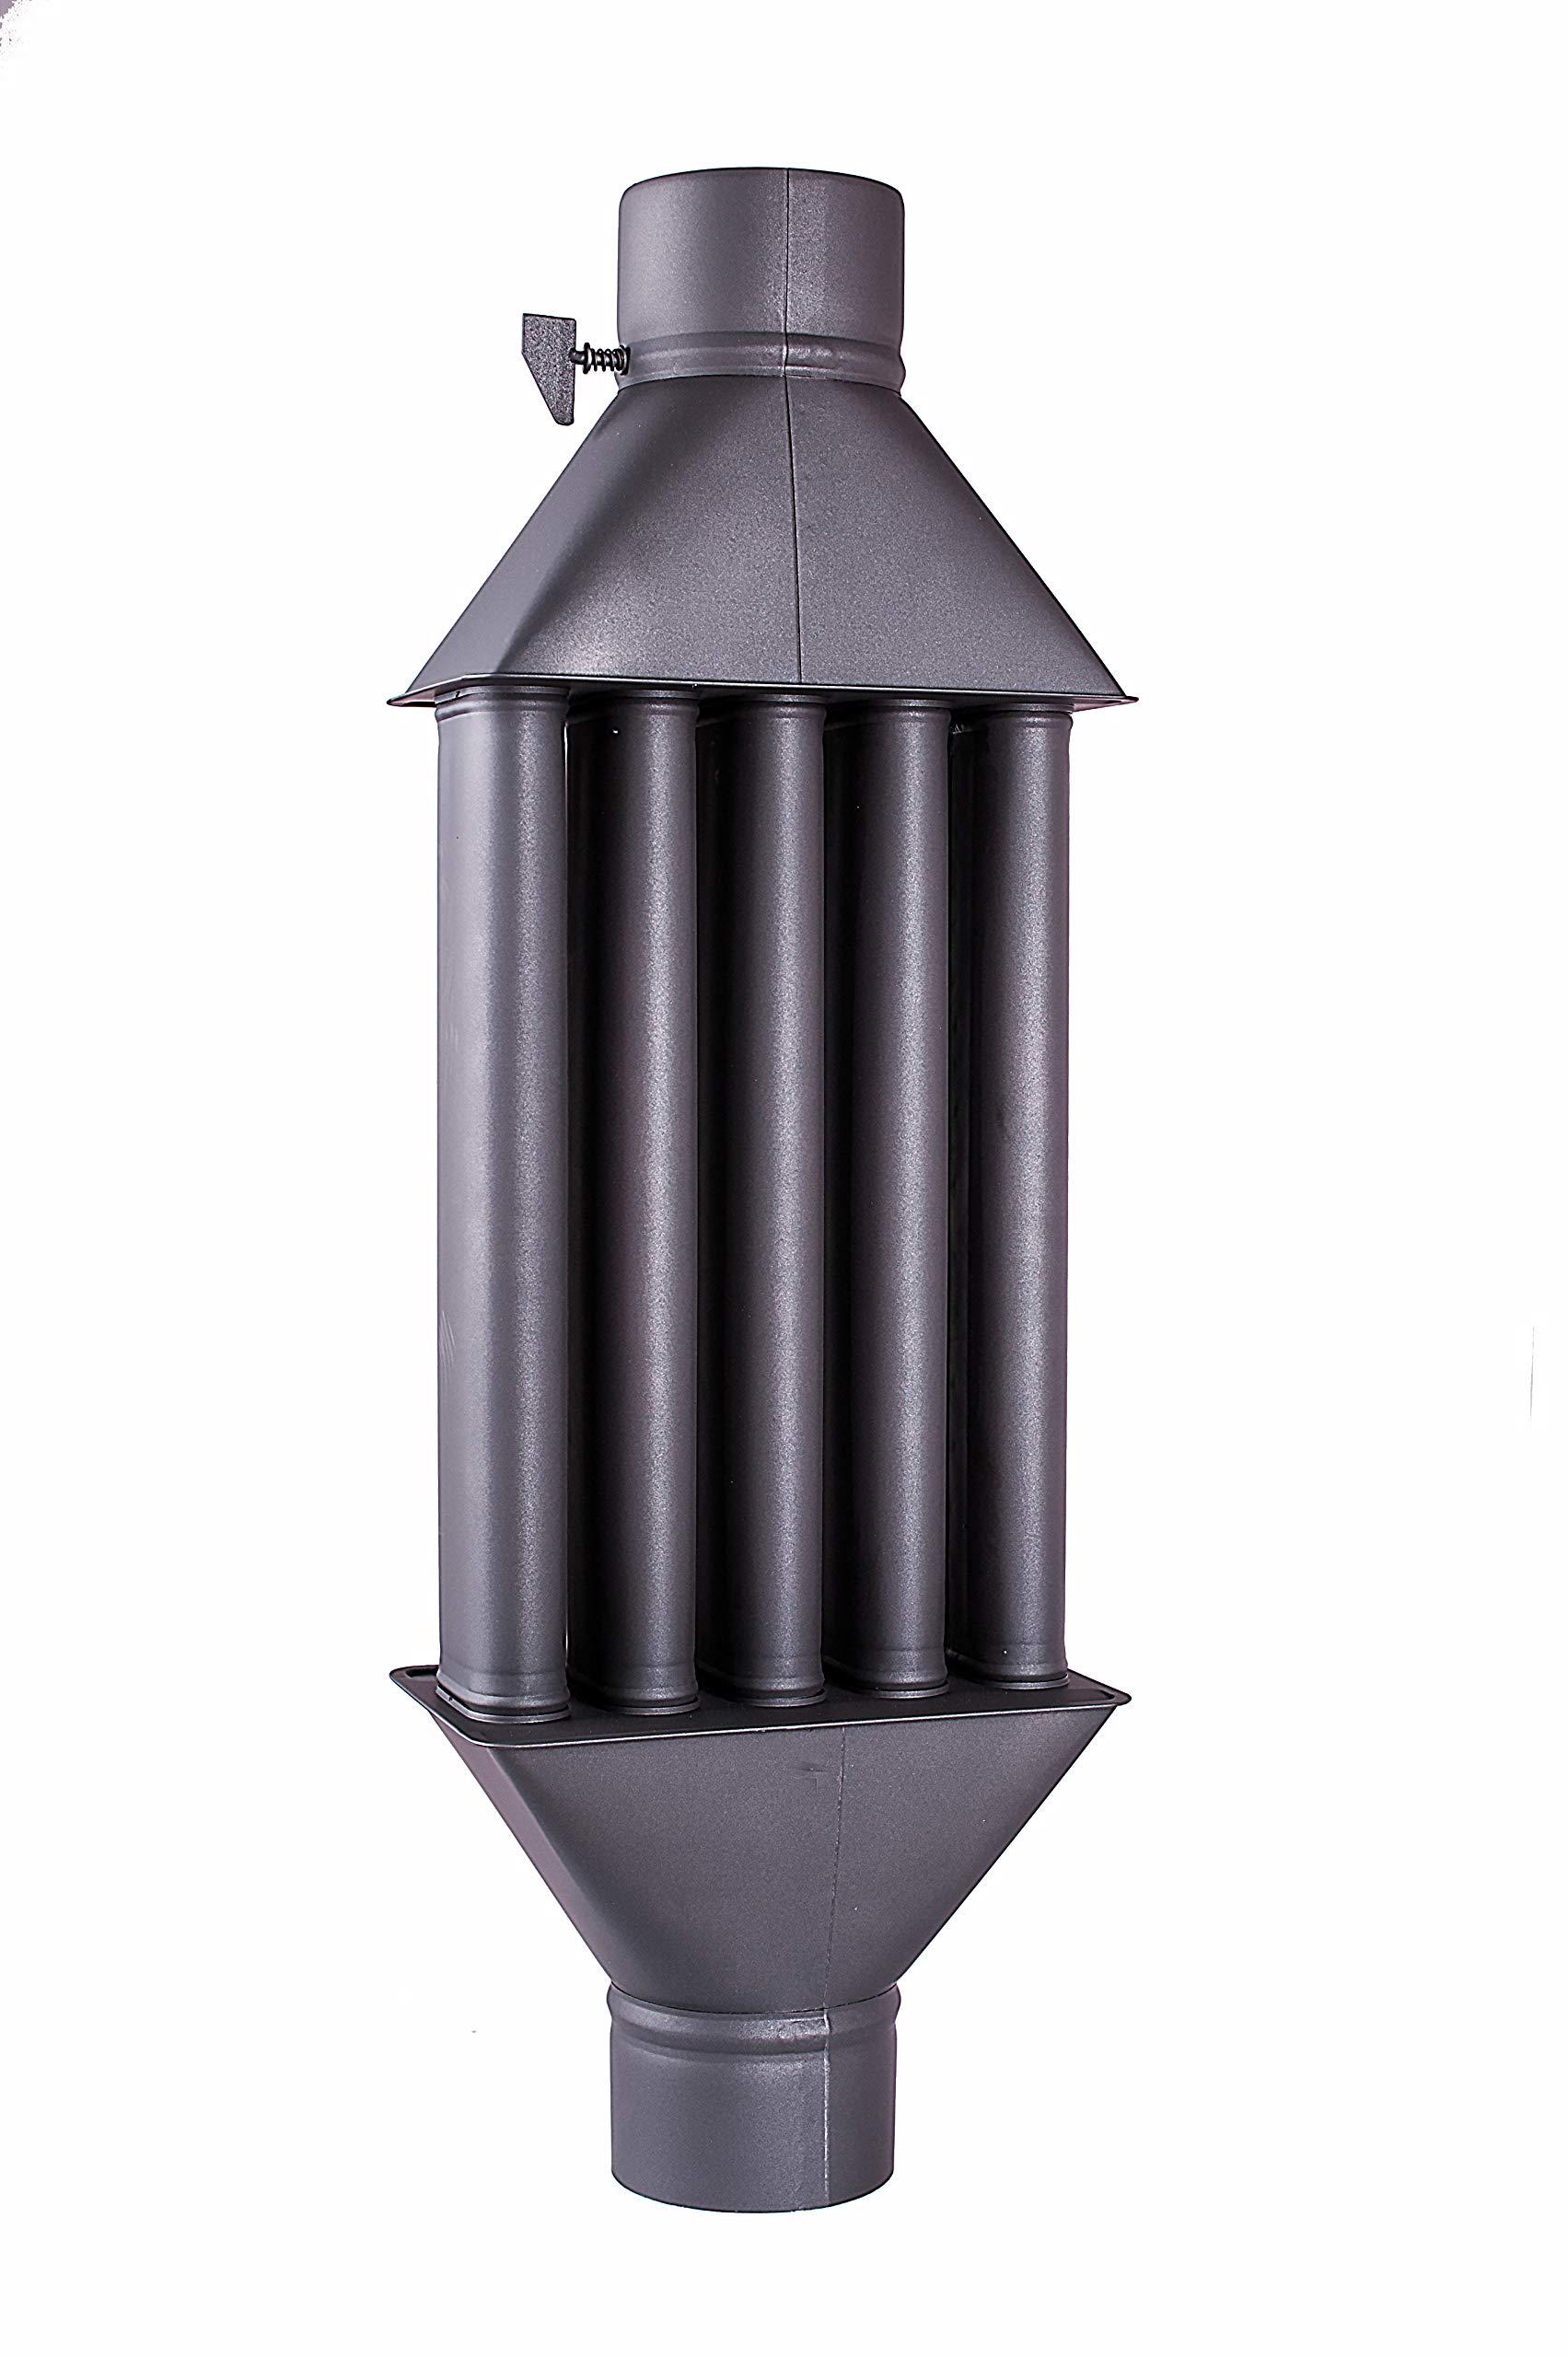 Scambiatore Di Calore Per Scambiatore Di Calore Camino Camino Fumi Diplomatico Raffreddatore Gas Di Scarico Nero Diametro Xl 130 Mm 5 Tubi Con